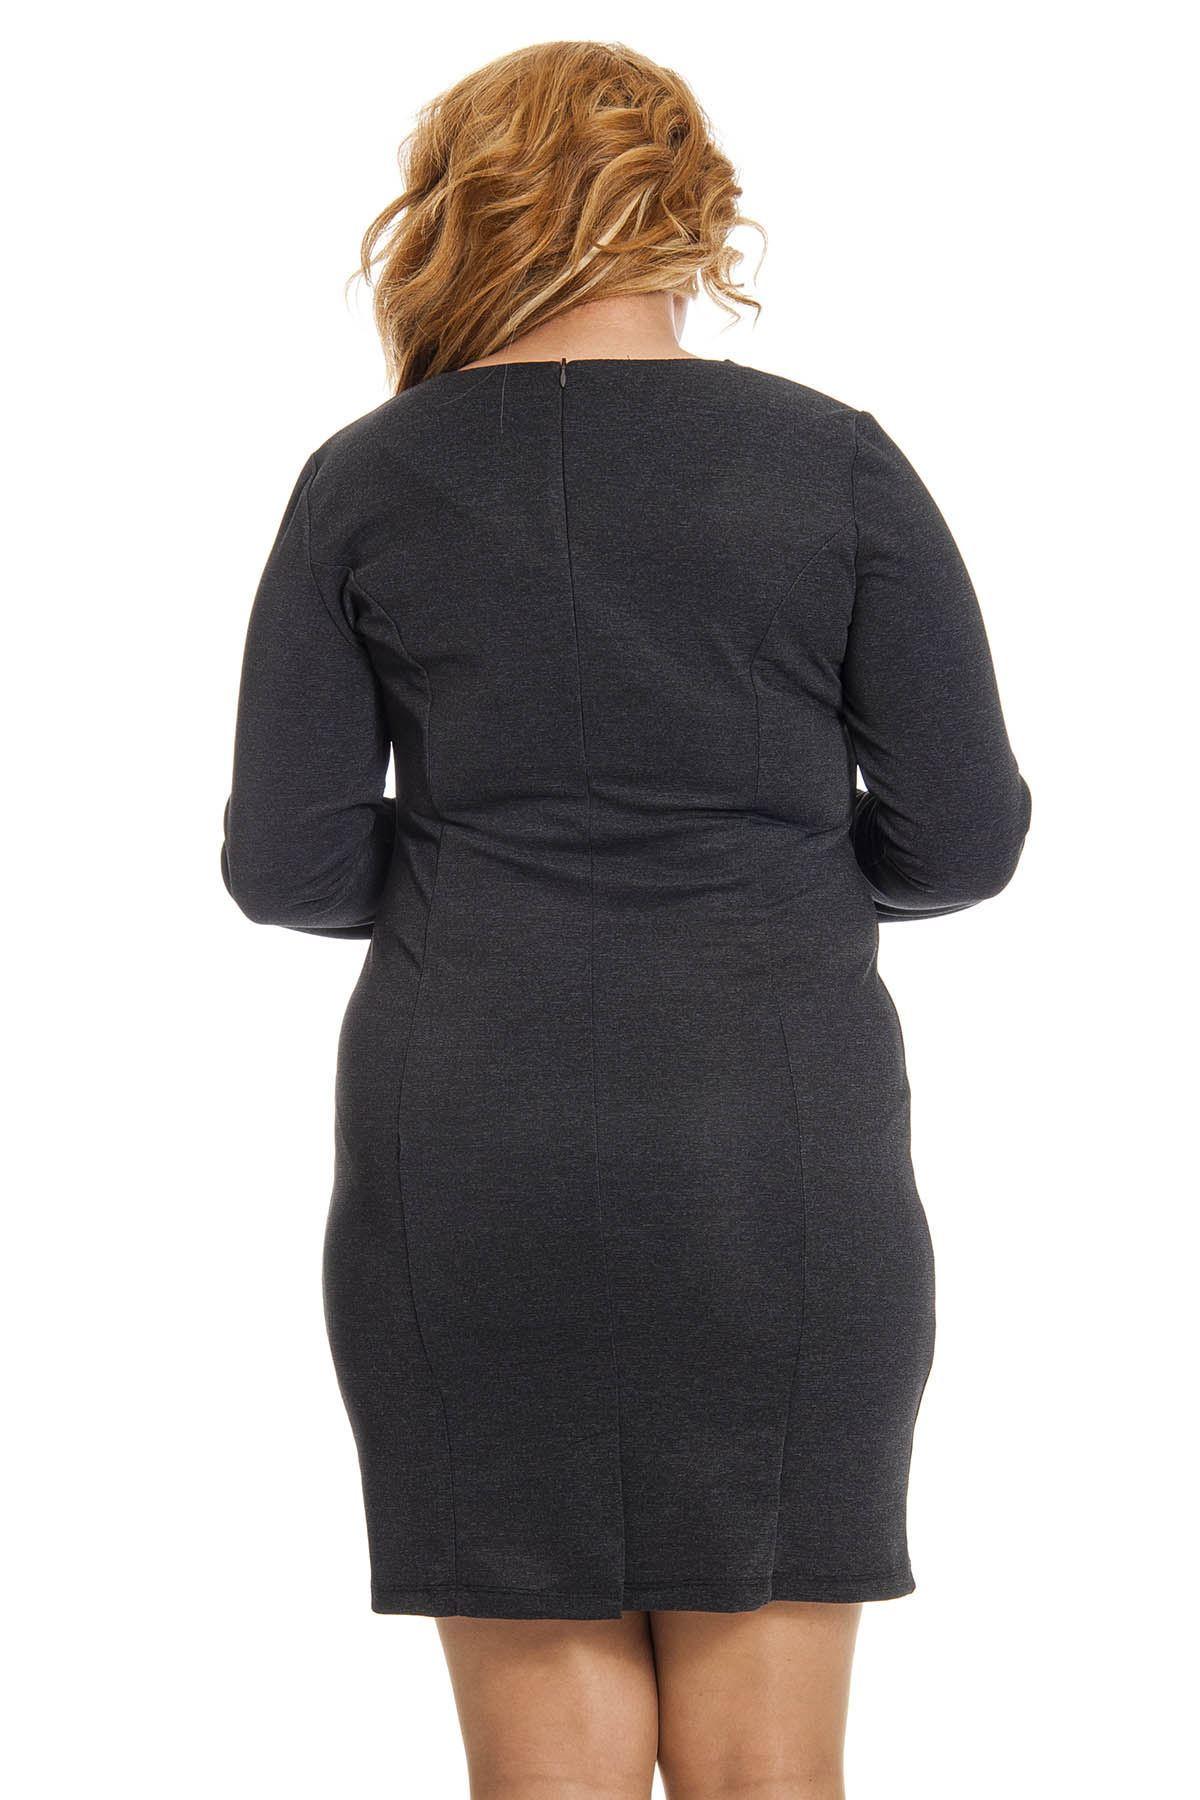 Büyük Beden Antrasit Yaka Detaylı Kadın Elbise J1-123206